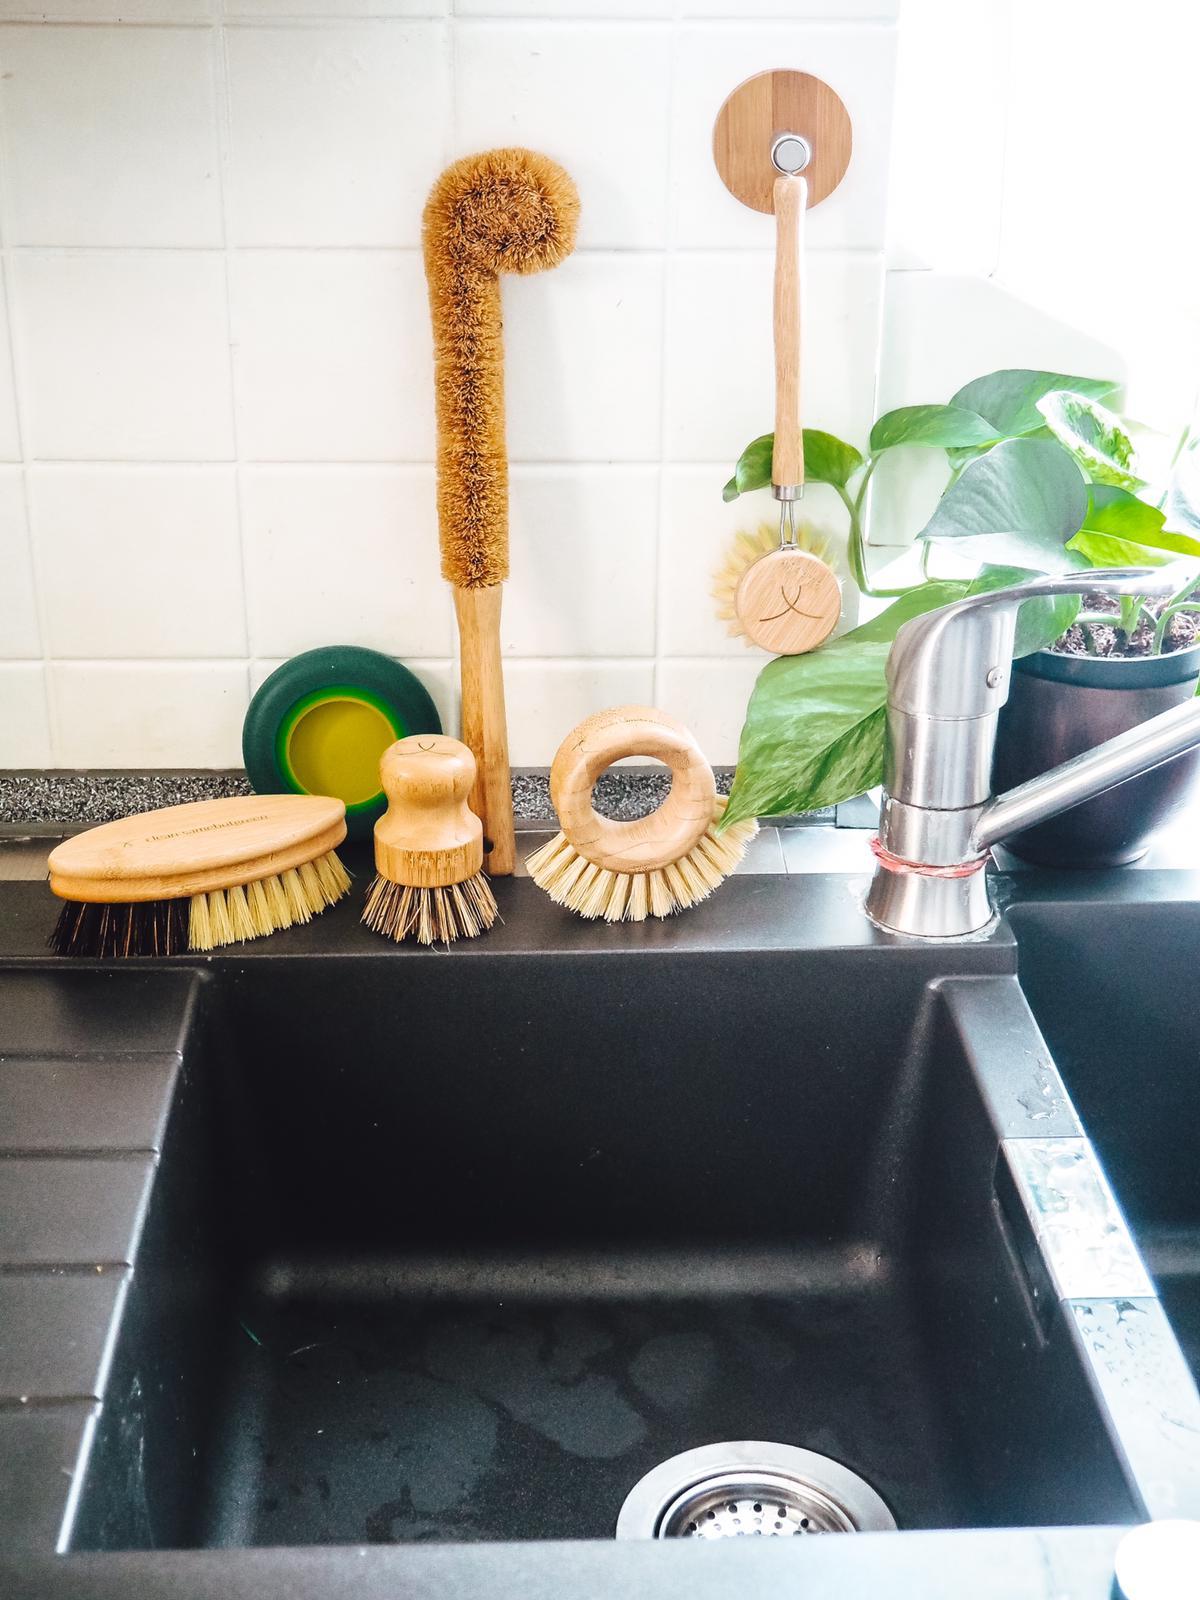 Blitzblanke Küche mit Samebutgreen